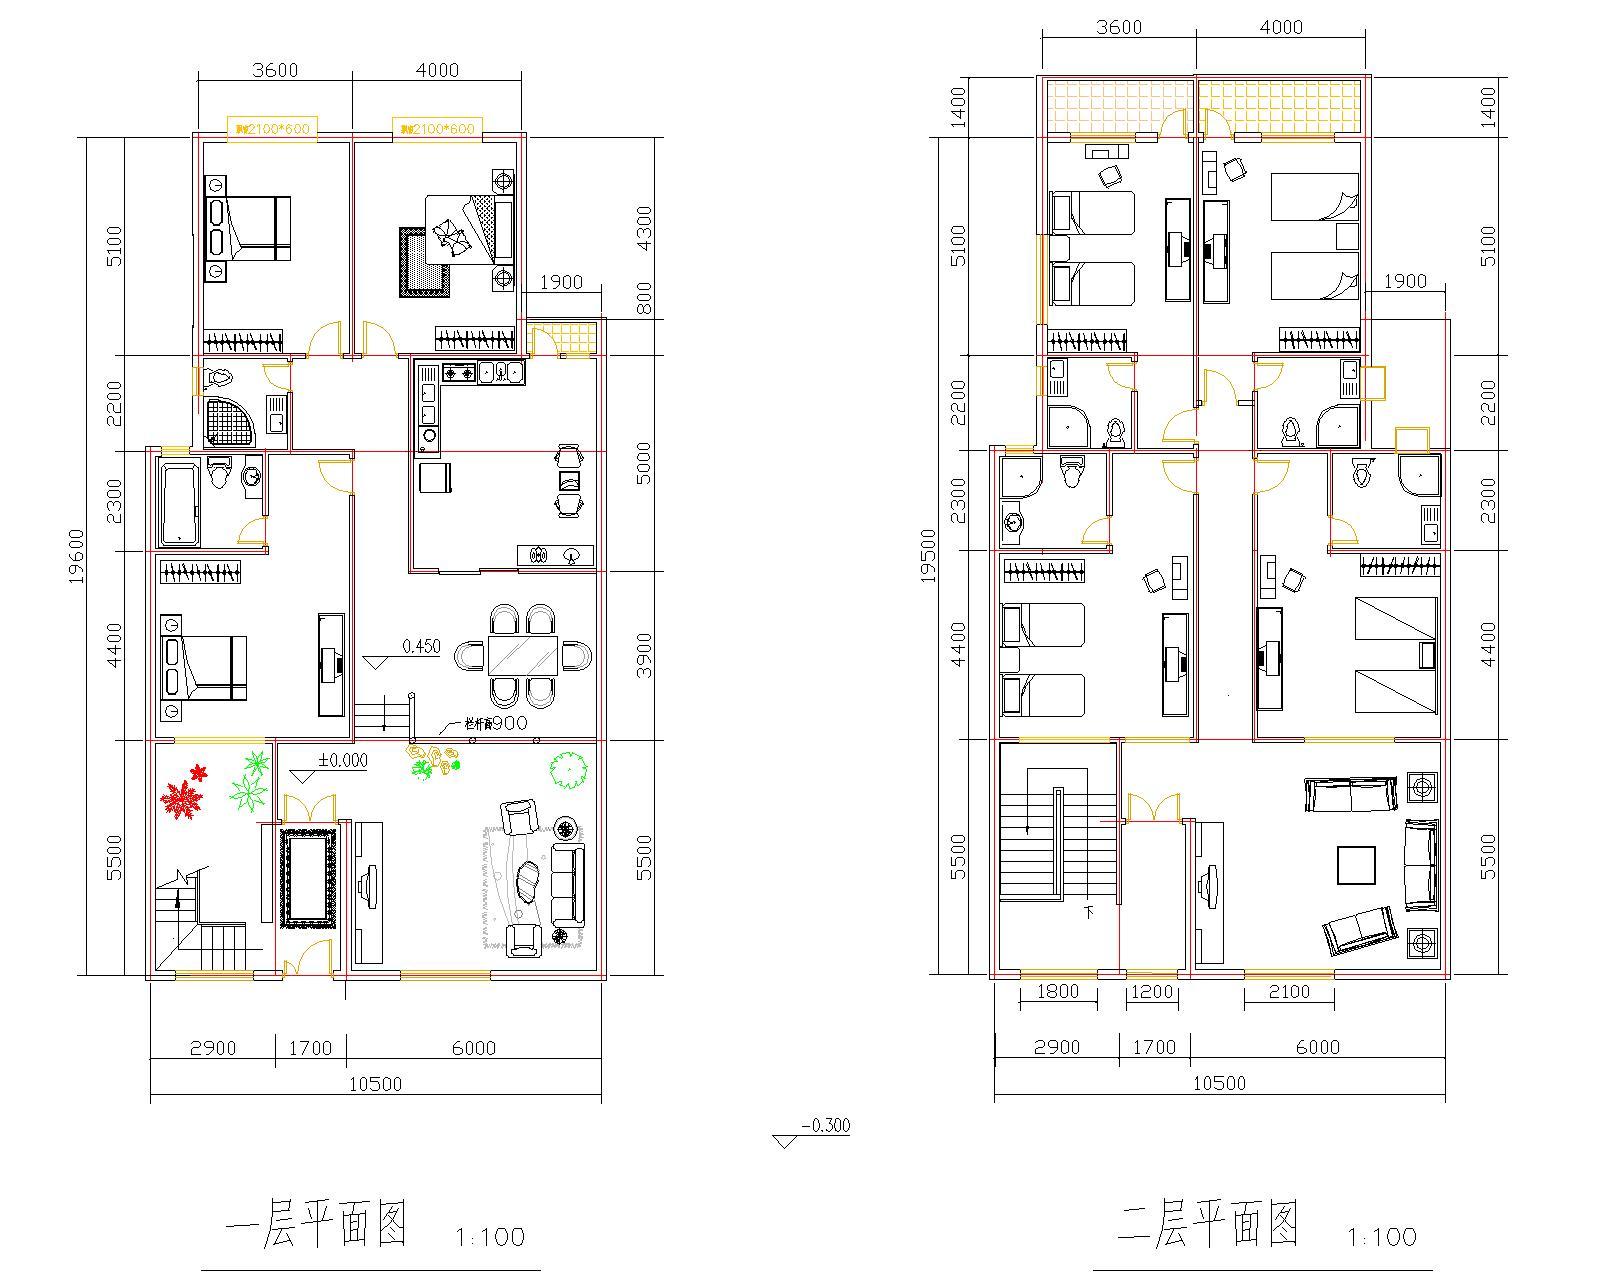 盖房子设计图 我有长20米 宽8米地基 想盖两层房子,二楼有阳台,卫生间